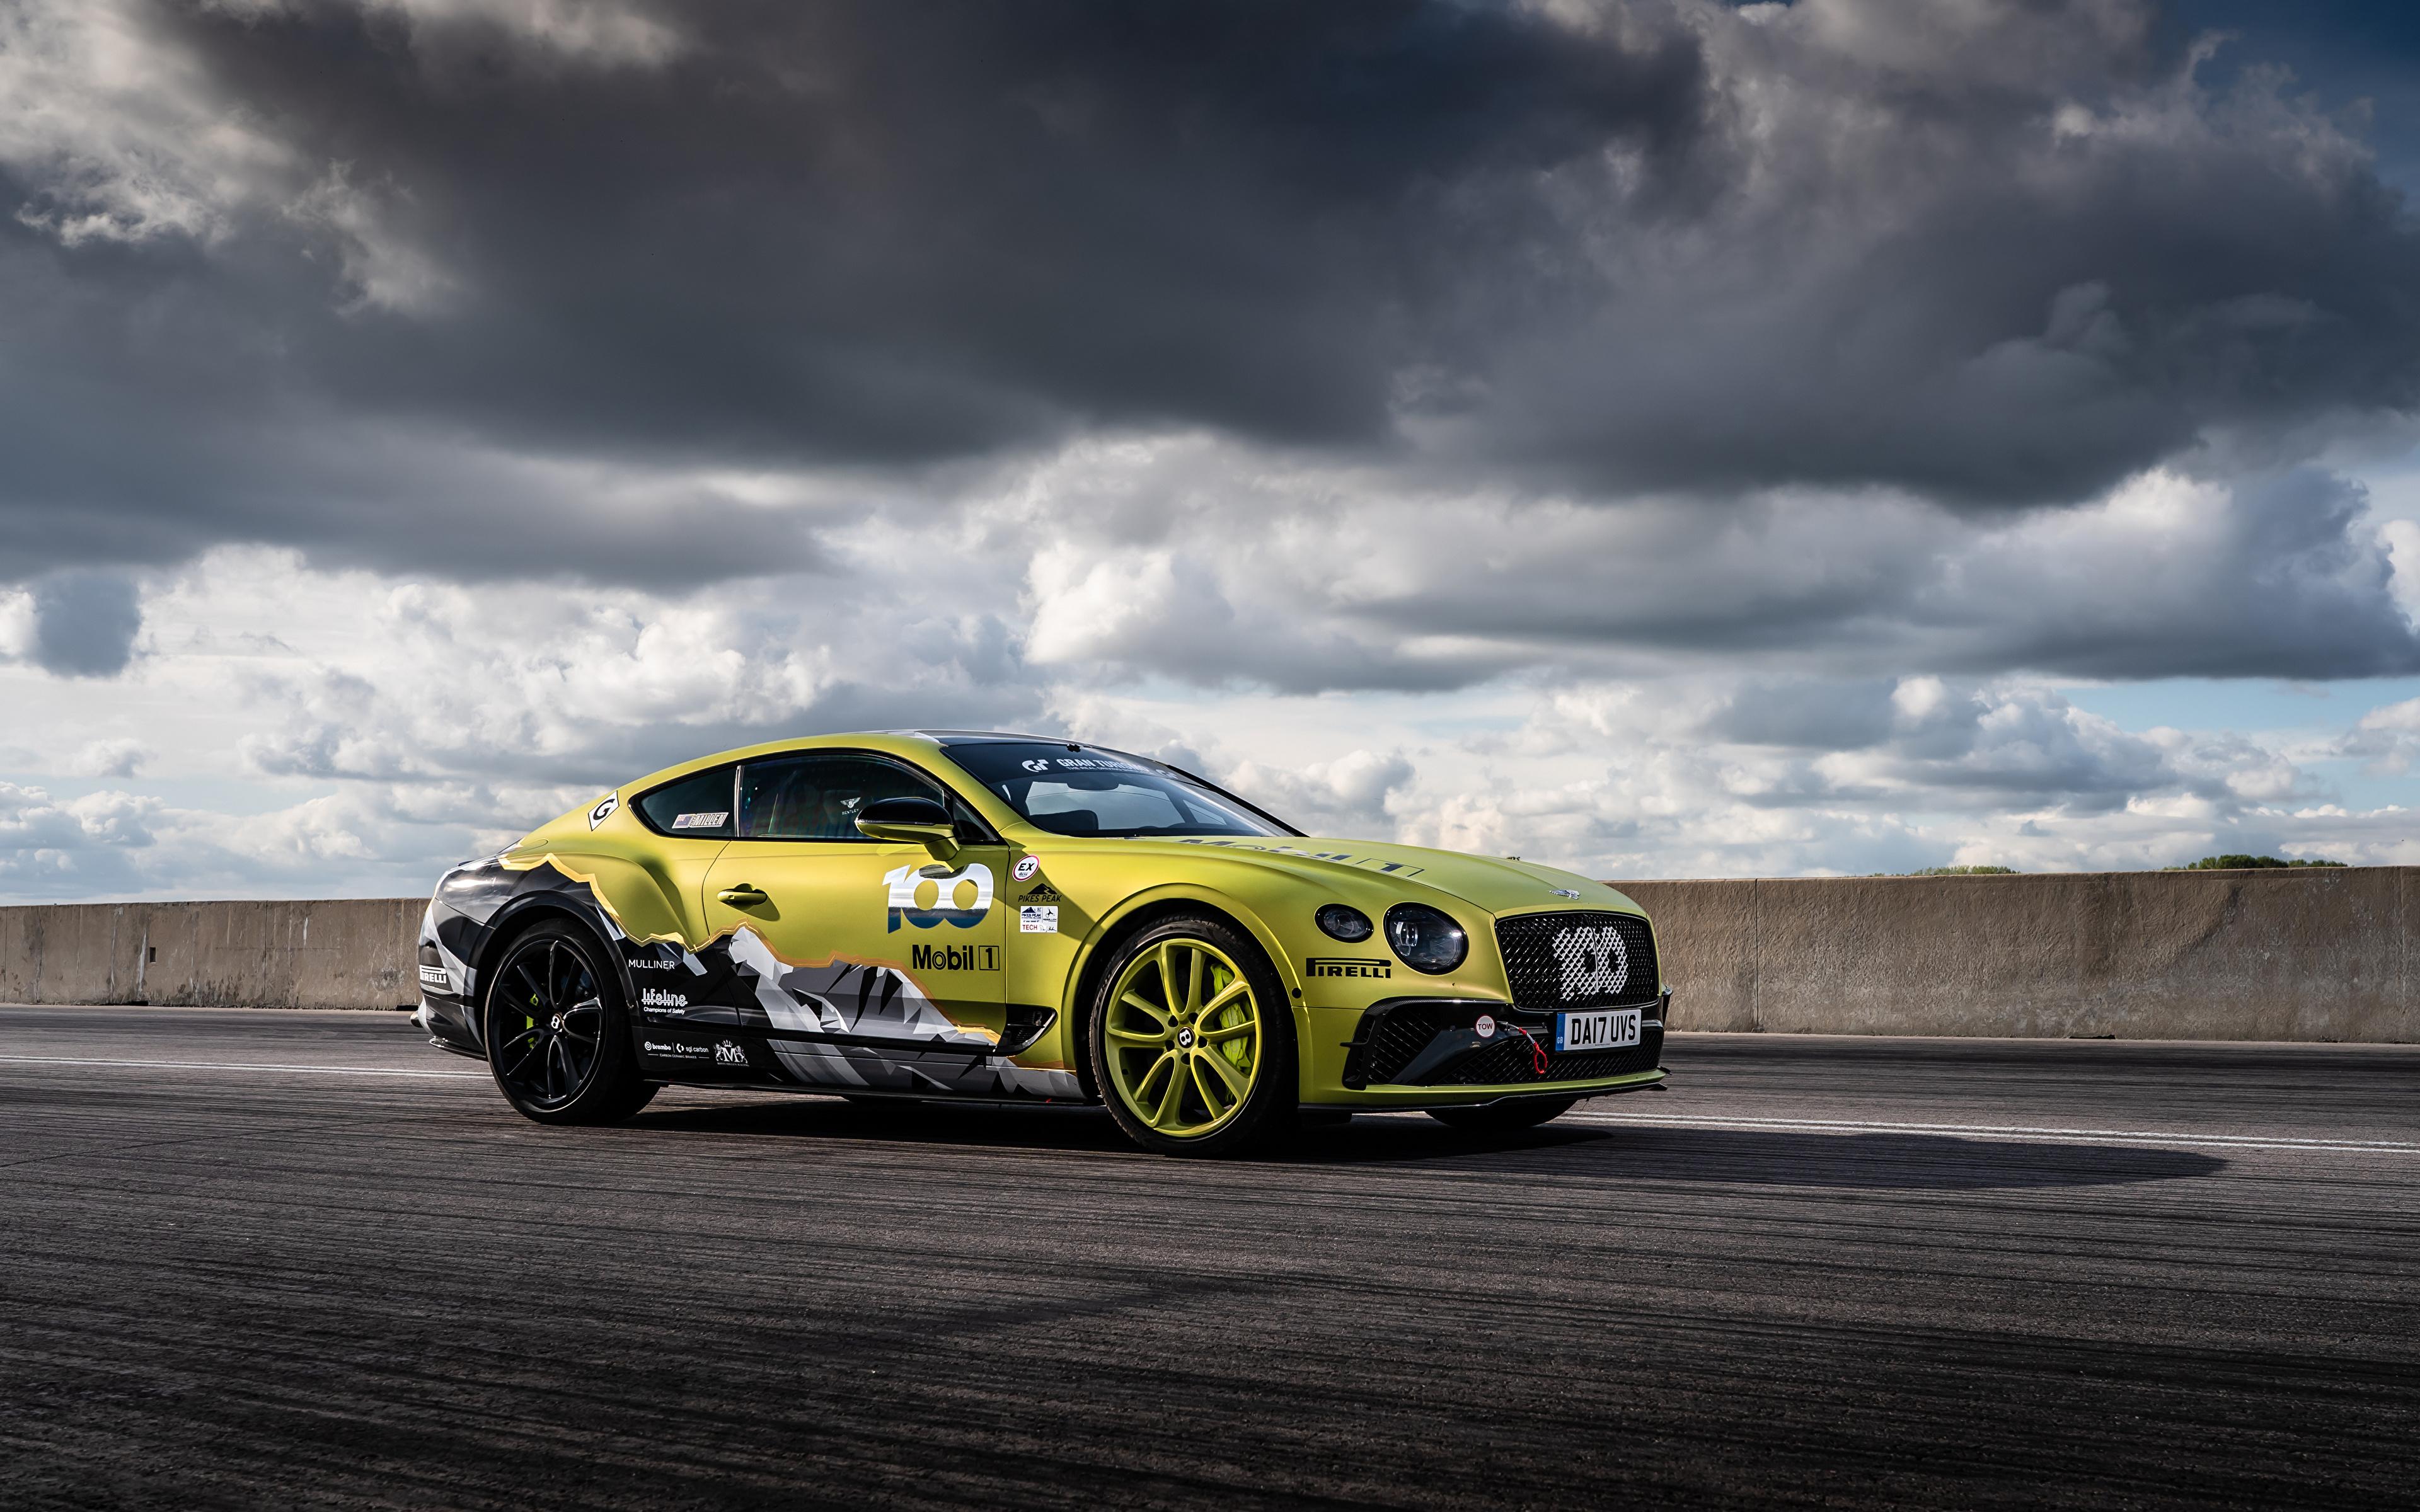 Обои для рабочего стола Бентли Continental GT Pikes Peak, 2019 Сбоку машины Облака 3840x2400 Bentley авто машина Автомобили автомобиль облако облачно